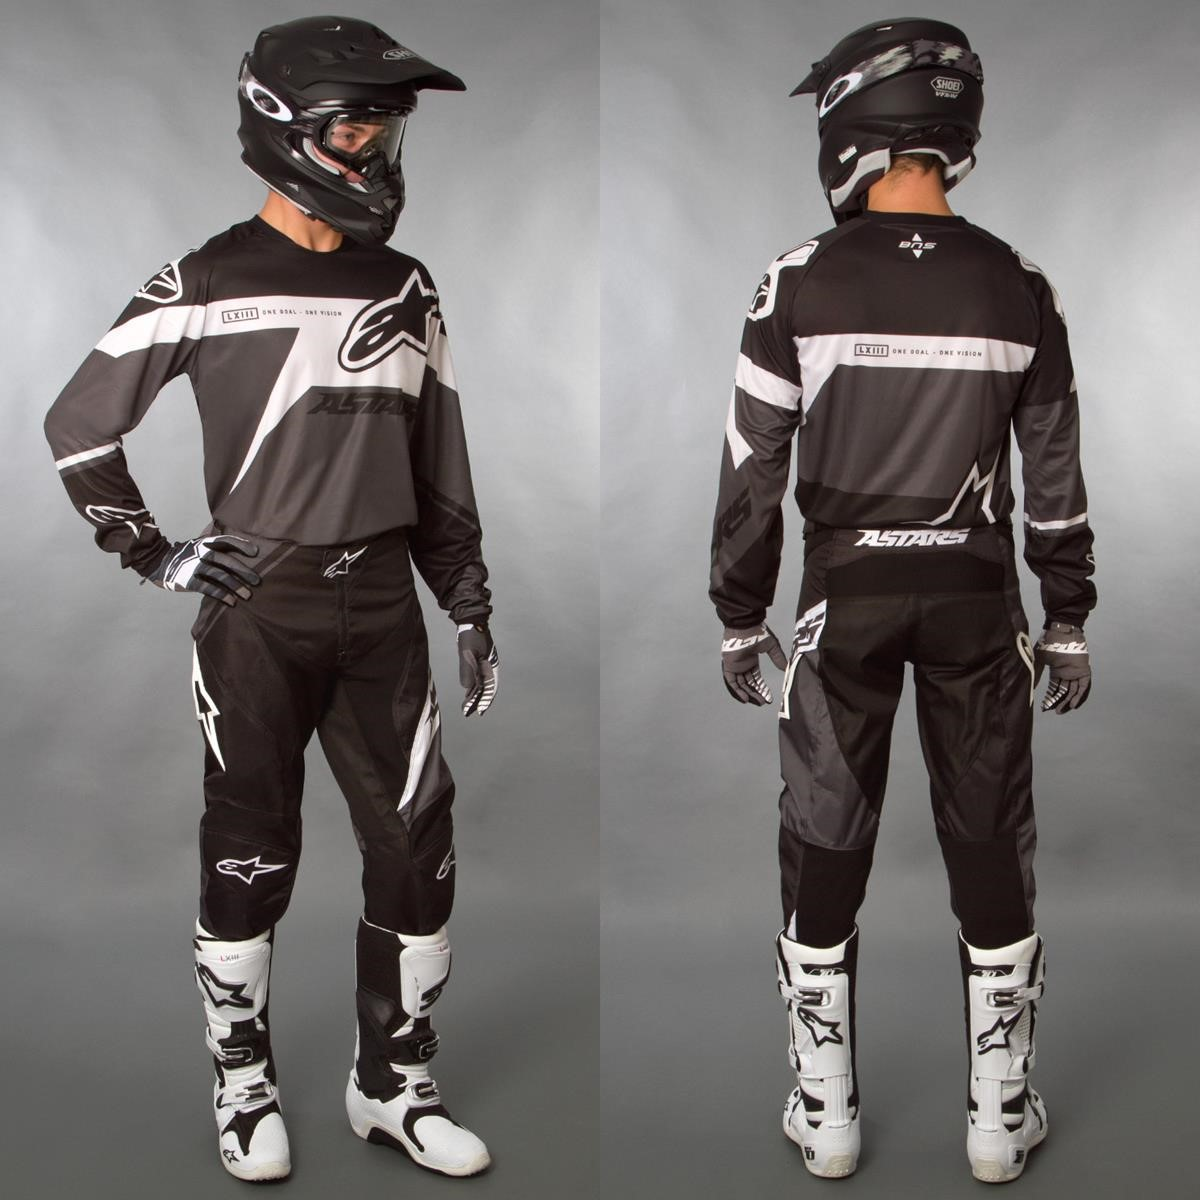 Alpinestars Motocross & Enduro MX Combo | Alpinestars Racer ...